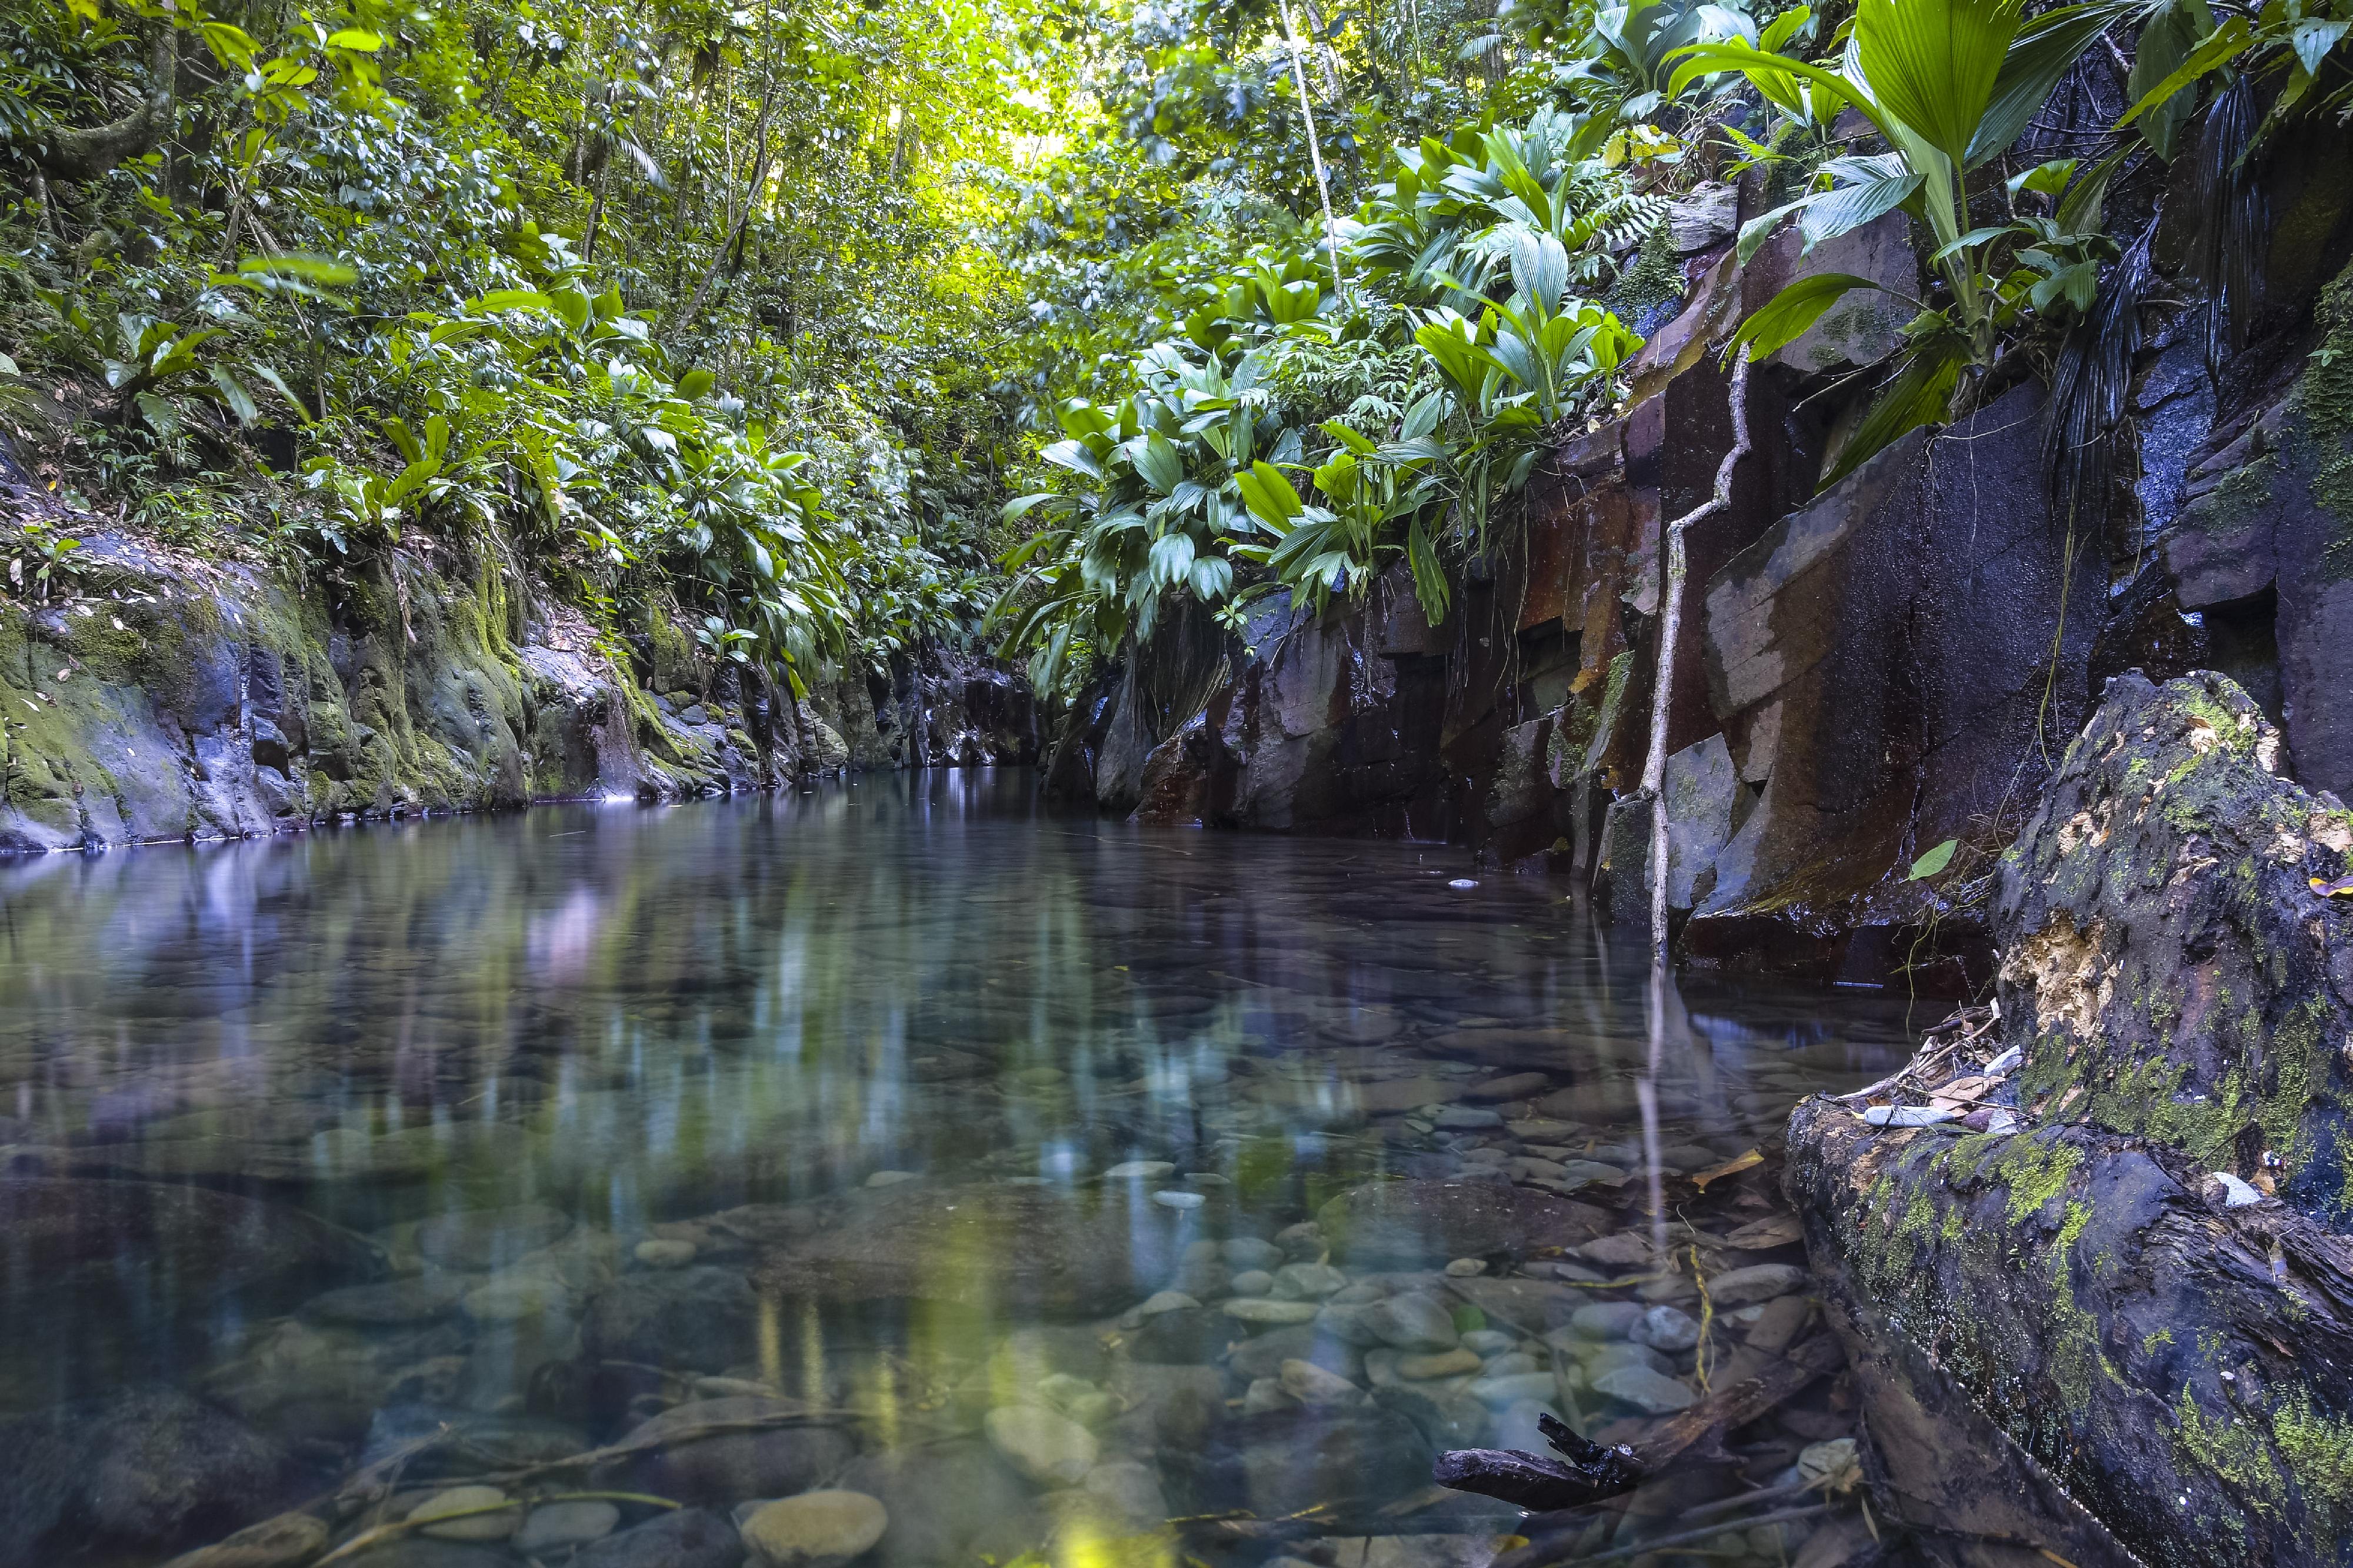 Un mort dans un accident de noyade à la rivière de l'îlet Pérou